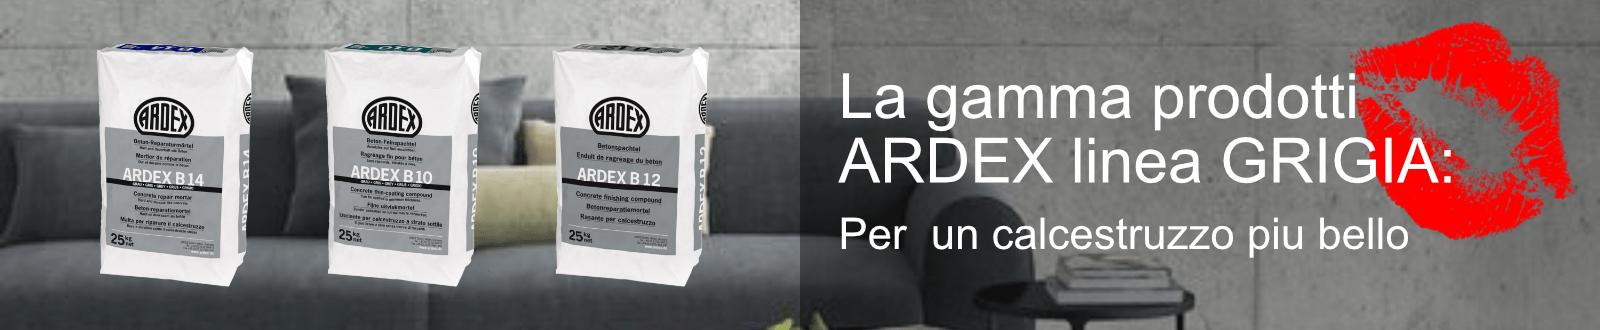 ardex-slide-2